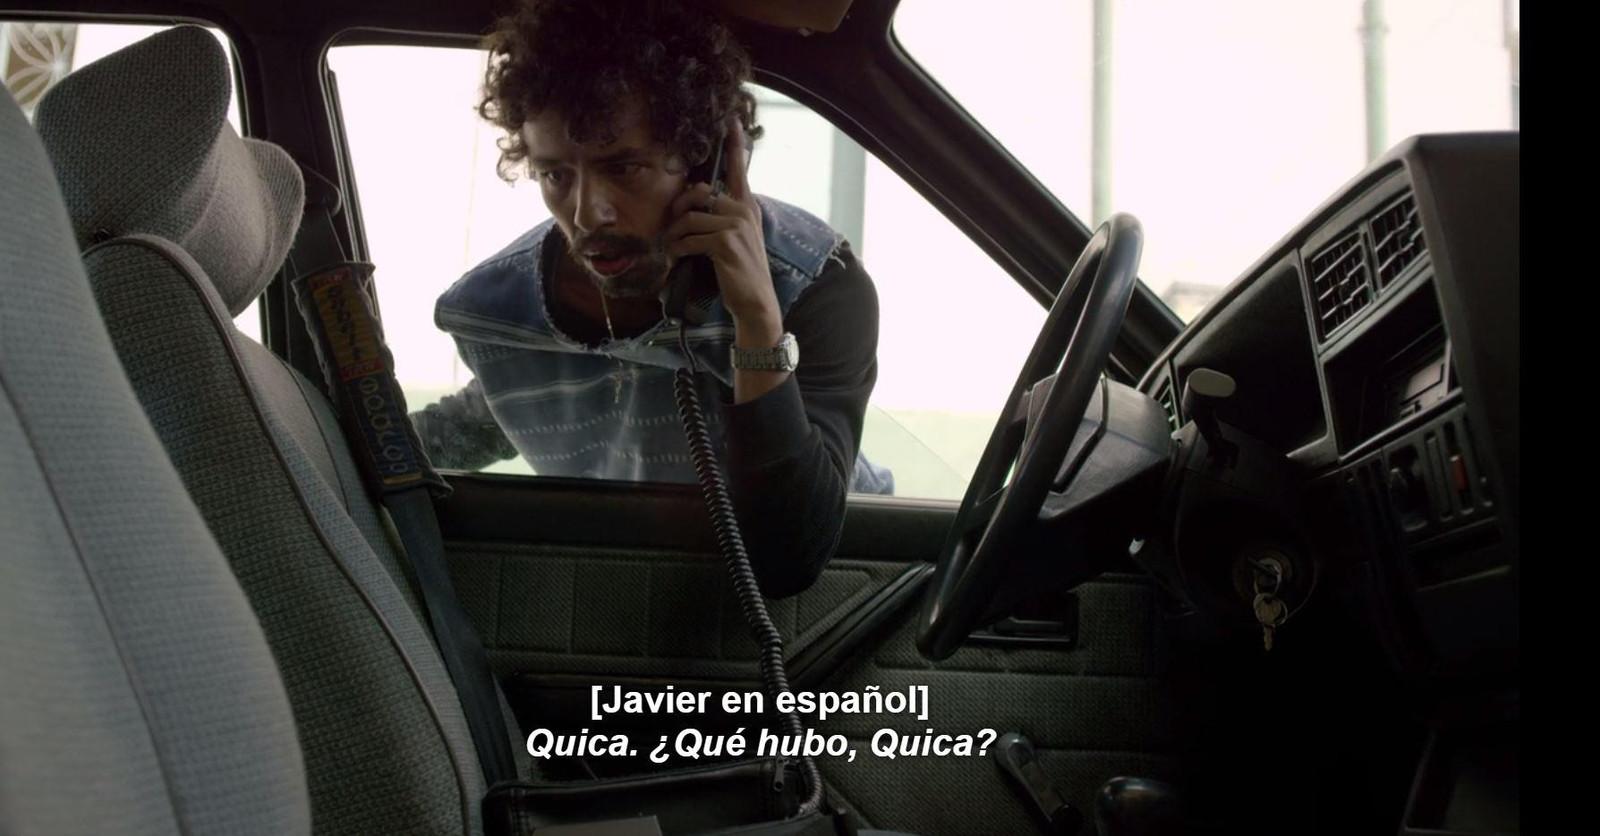 """""""La Quica"""" (Dandenis Muñoz Mosquera) a été emprisonné à New York le 24 septembre 1991. Lors de la fuite de """"La Catedral"""" (juillet 1992), il était déjà derrière les barreaux pour faux et usage de faux""""."""